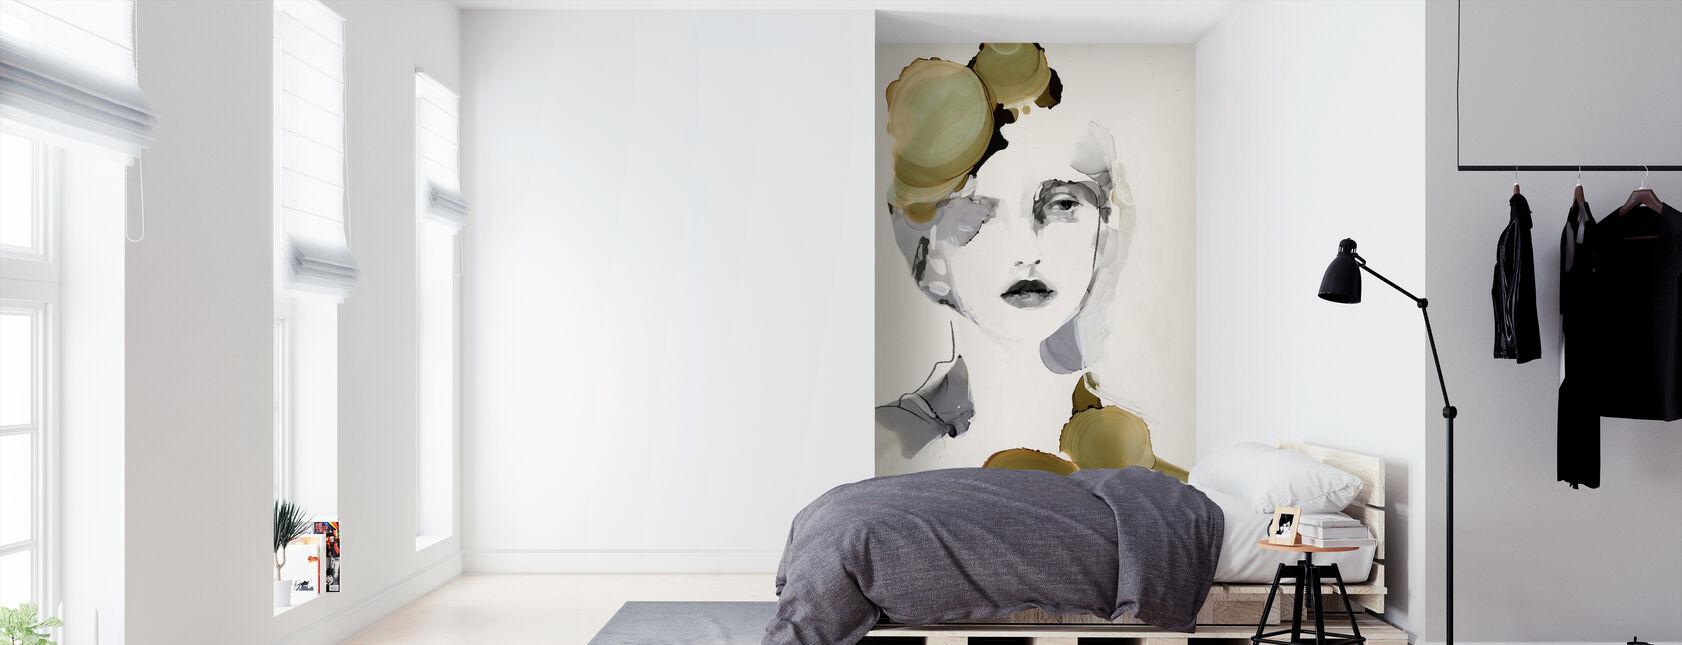 Organic Portrait - Wallpaper - Bedroom